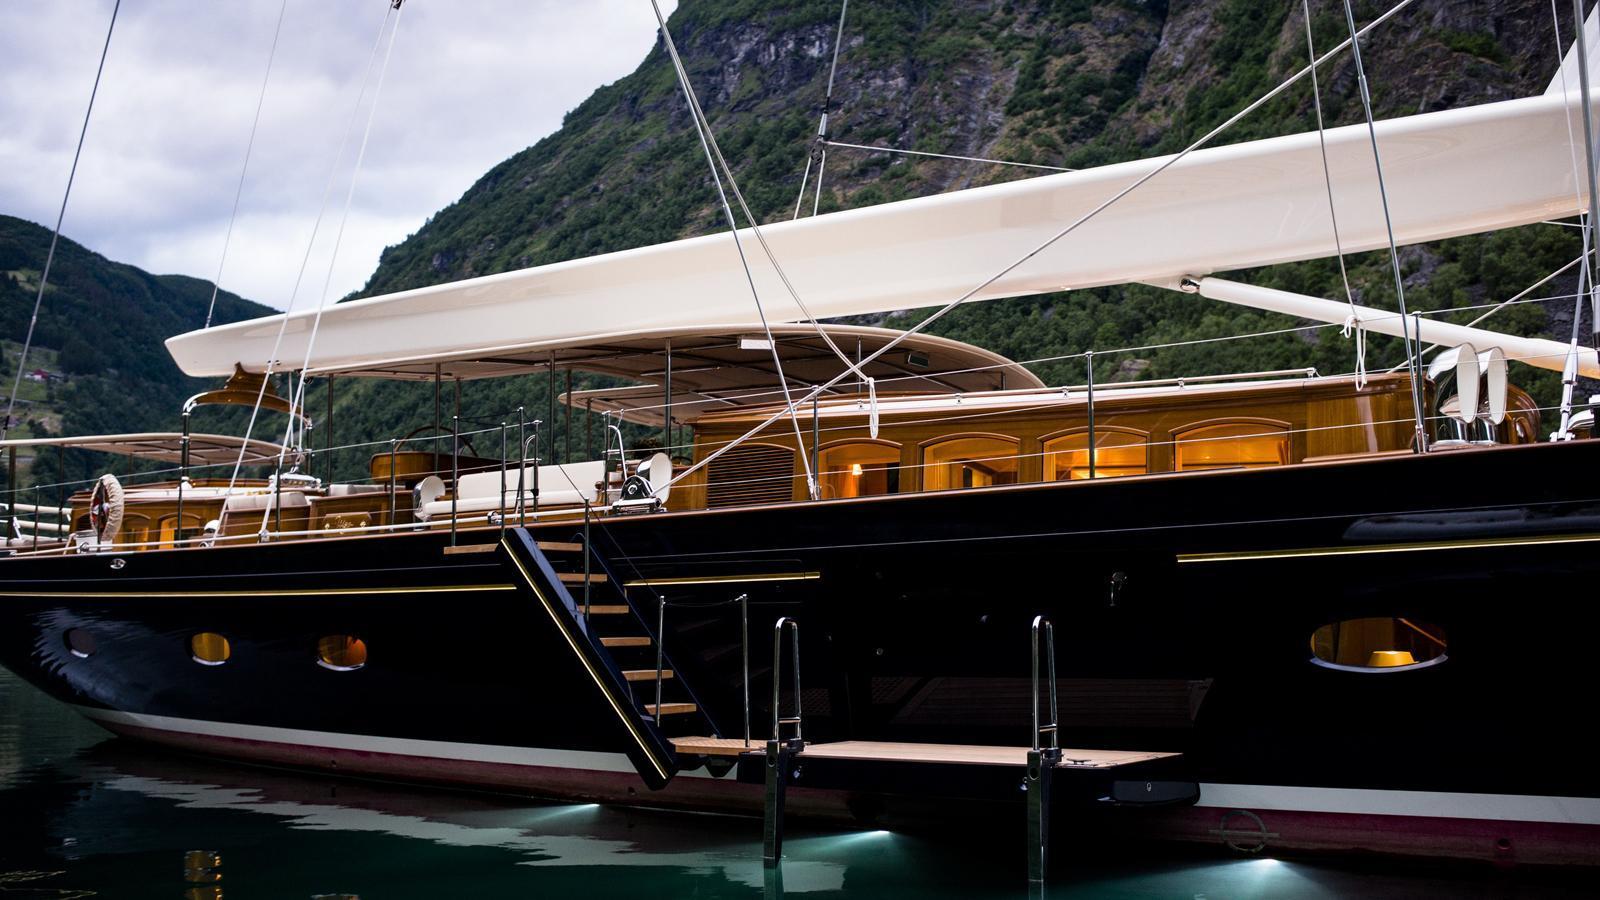 wisp-sailing-yacht-royal-huisman-2014-48m-exterior